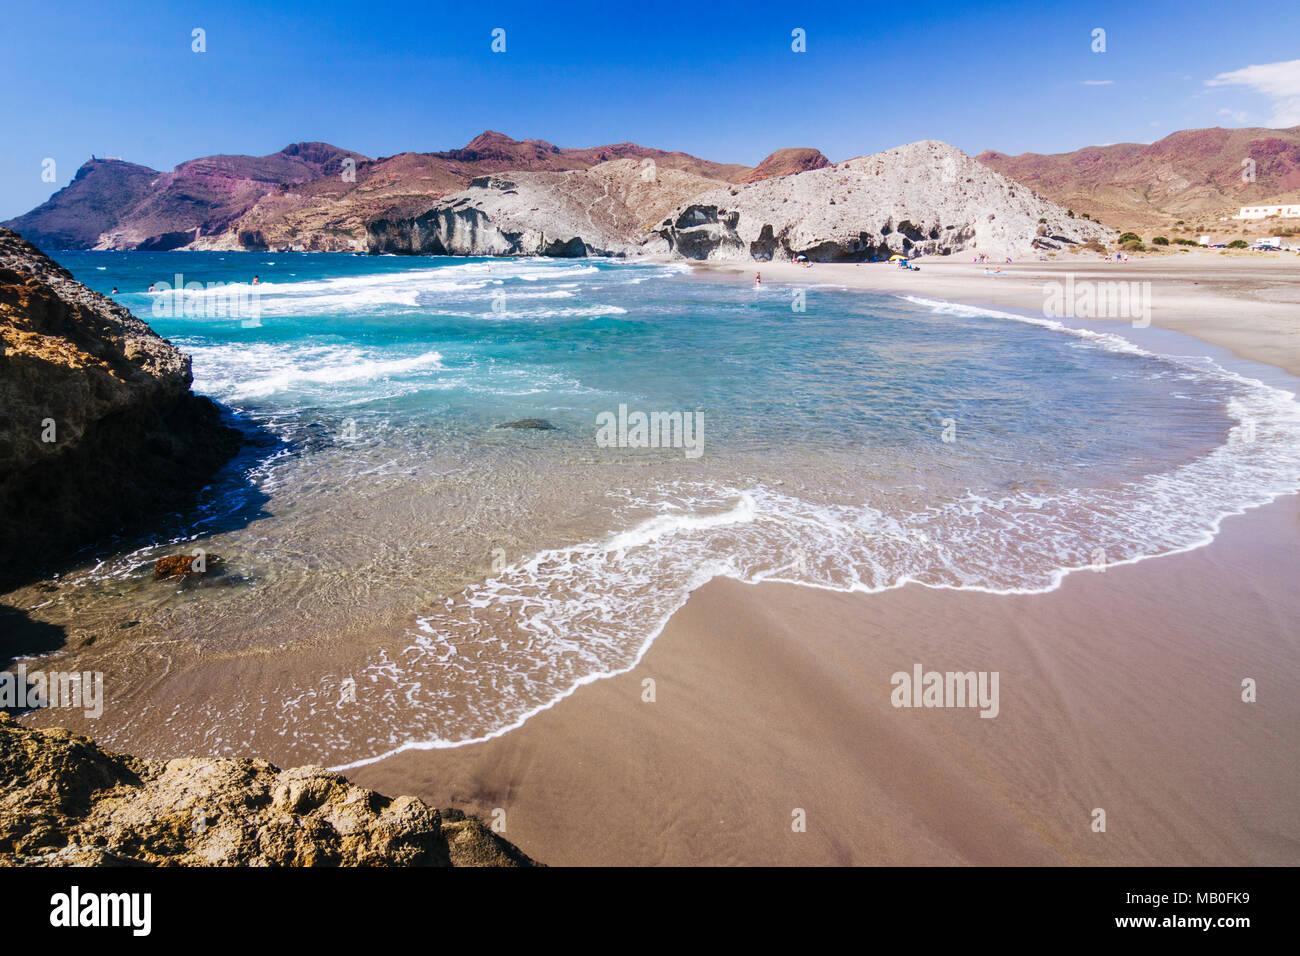 El Parque Natural de Cabo de Gata-Níjar, provincia de Almería, Andalucía, España : desierta playa Monsul, cerca de Villa de San José. Imagen De Stock